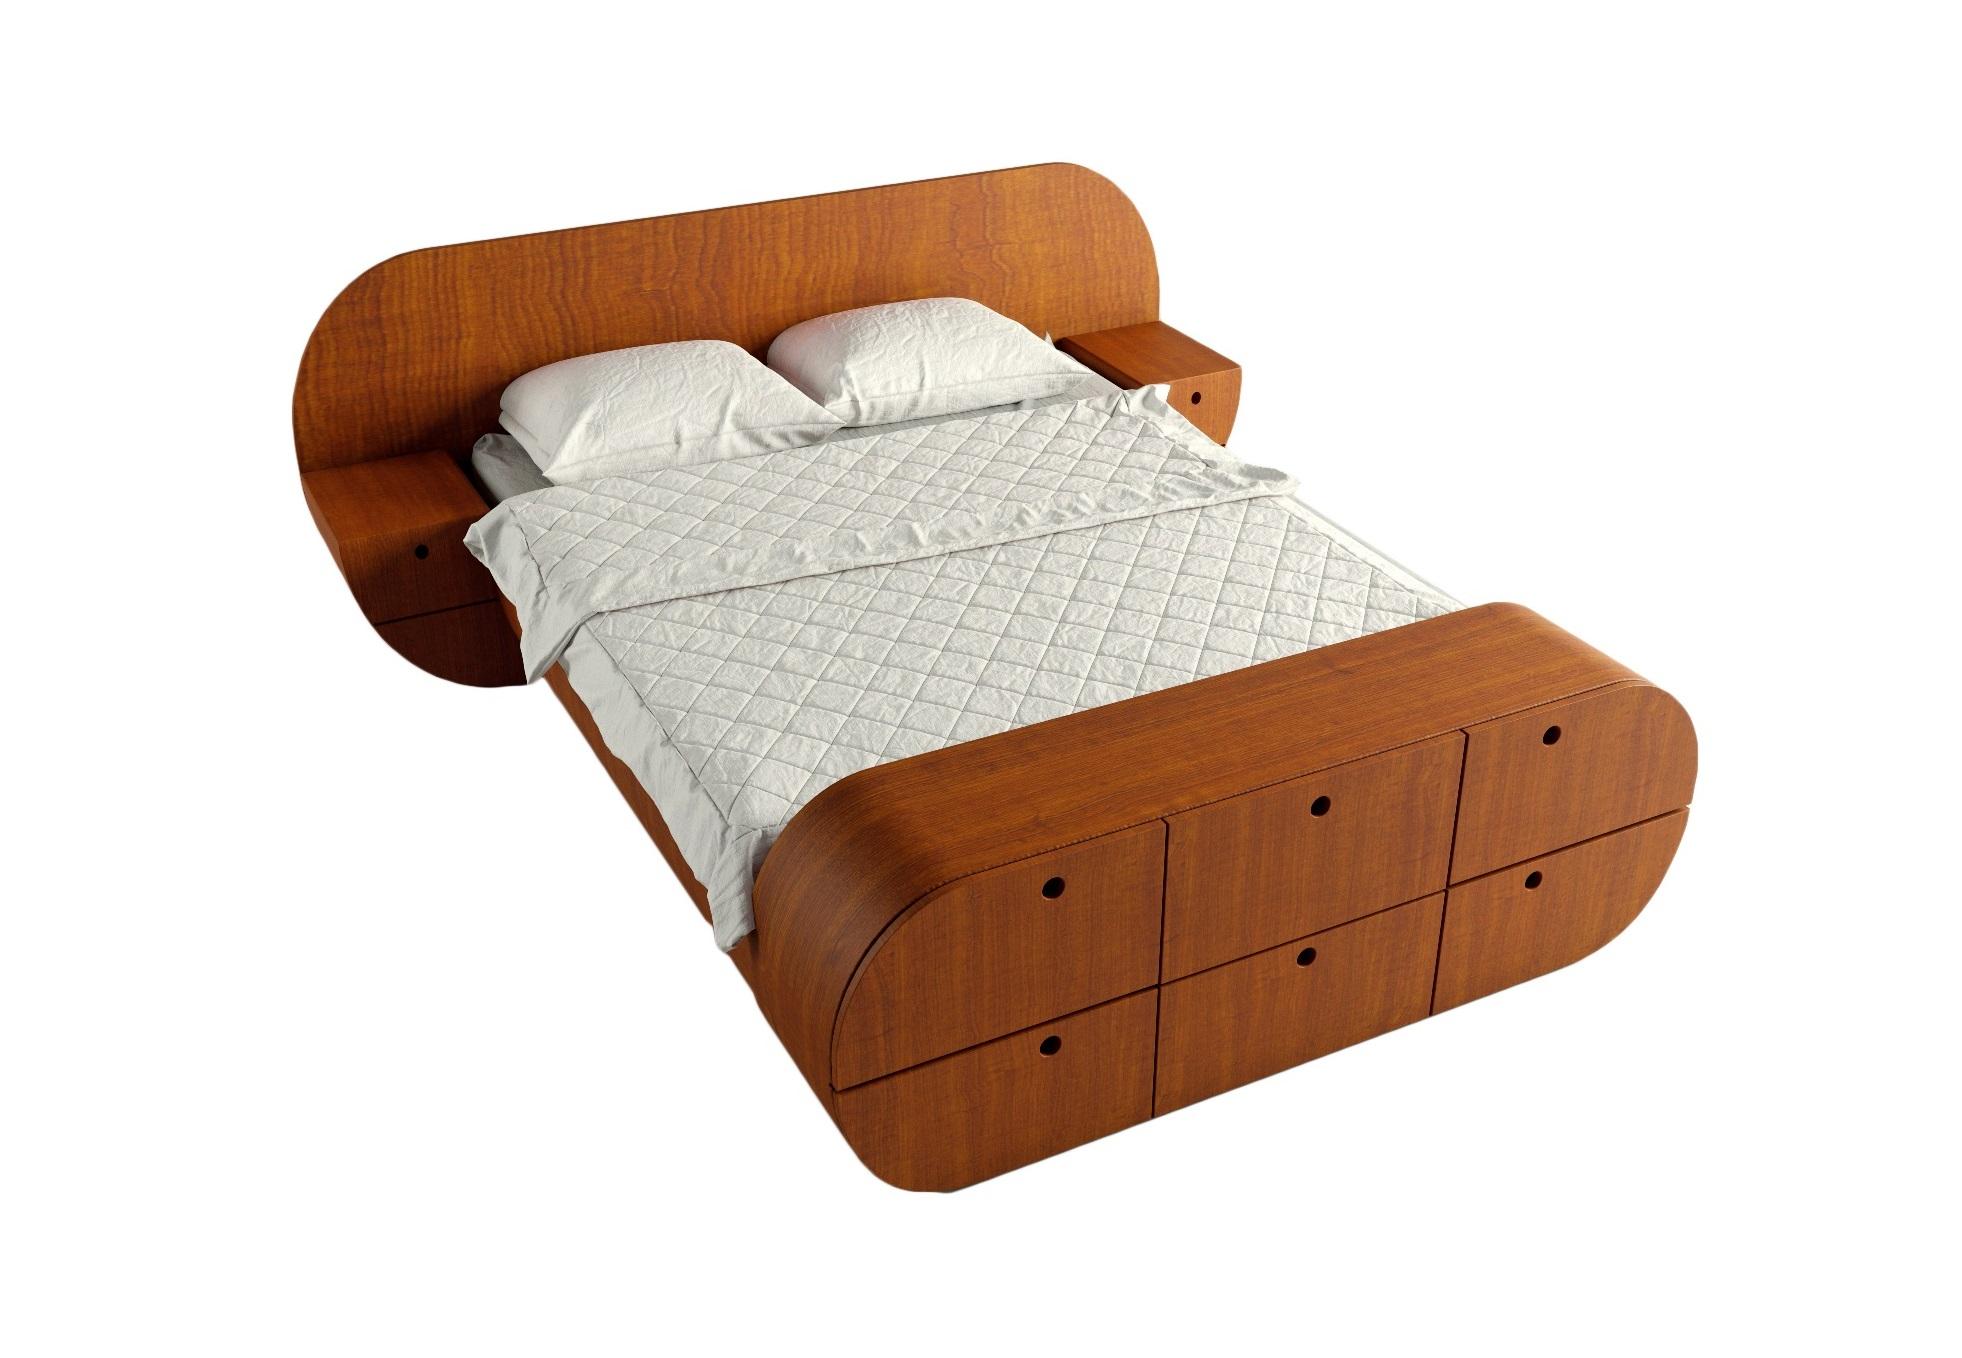 Кровать с тумбами и комодом ЦиклДеревянные кровати<br>Отличный комплект - кровать, 2 тумбы, комод!<br>Представляет собой единую констукцию, изделие покрыто натуральным шпоном, теплый и приятный материал<br>Матрас, белье и подушки в стоимость не входят&amp;lt;div&amp;gt;&amp;lt;br&amp;gt;&amp;lt;/div&amp;gt;&amp;lt;div&amp;gt;Размер спального места: 160см на 200см&amp;amp;nbsp;&amp;lt;/div&amp;gt;&amp;lt;div&amp;gt;Материал: МДФ, шпон<br>Установка не требуется&amp;lt;/div&amp;gt;<br><br>Material: МДФ<br>Width см: 218<br>Depth см: 267<br>Height см: 87